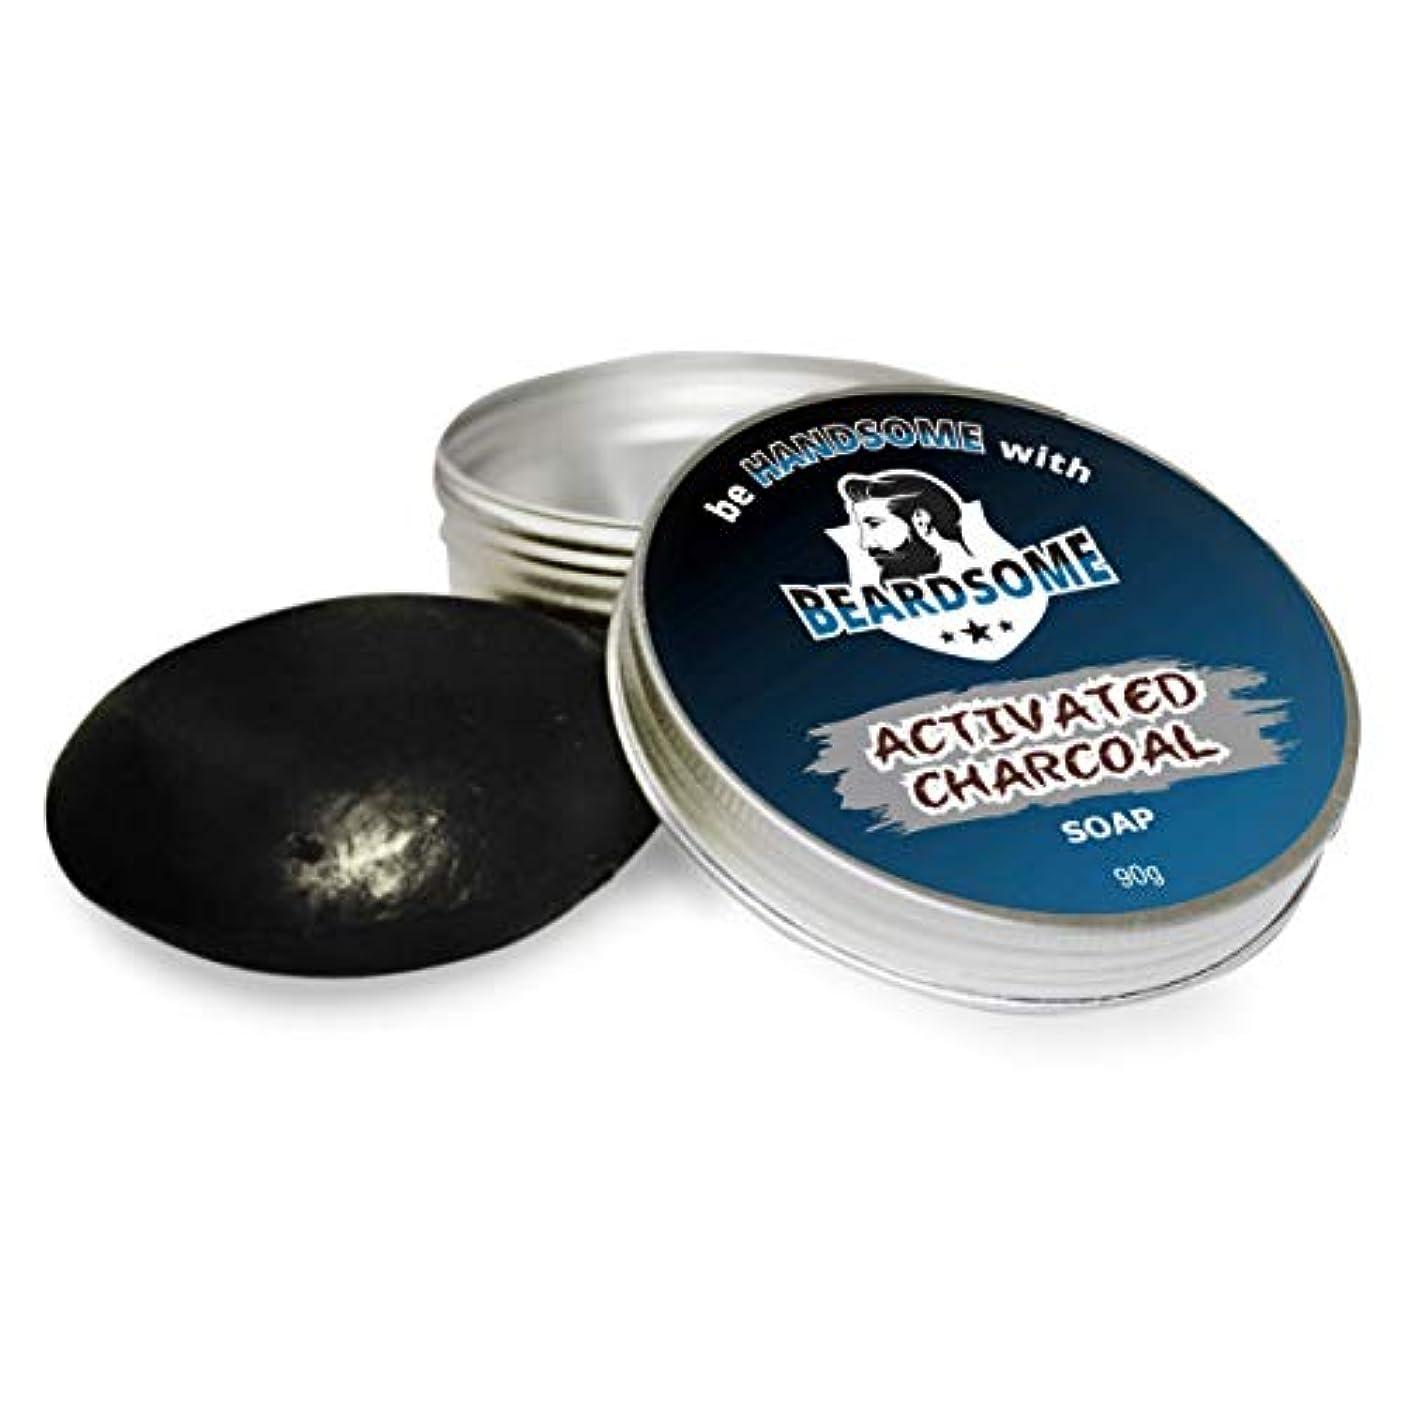 癌買い手聡明BEARDSOME Activated Charcoal Soap For Men 90g